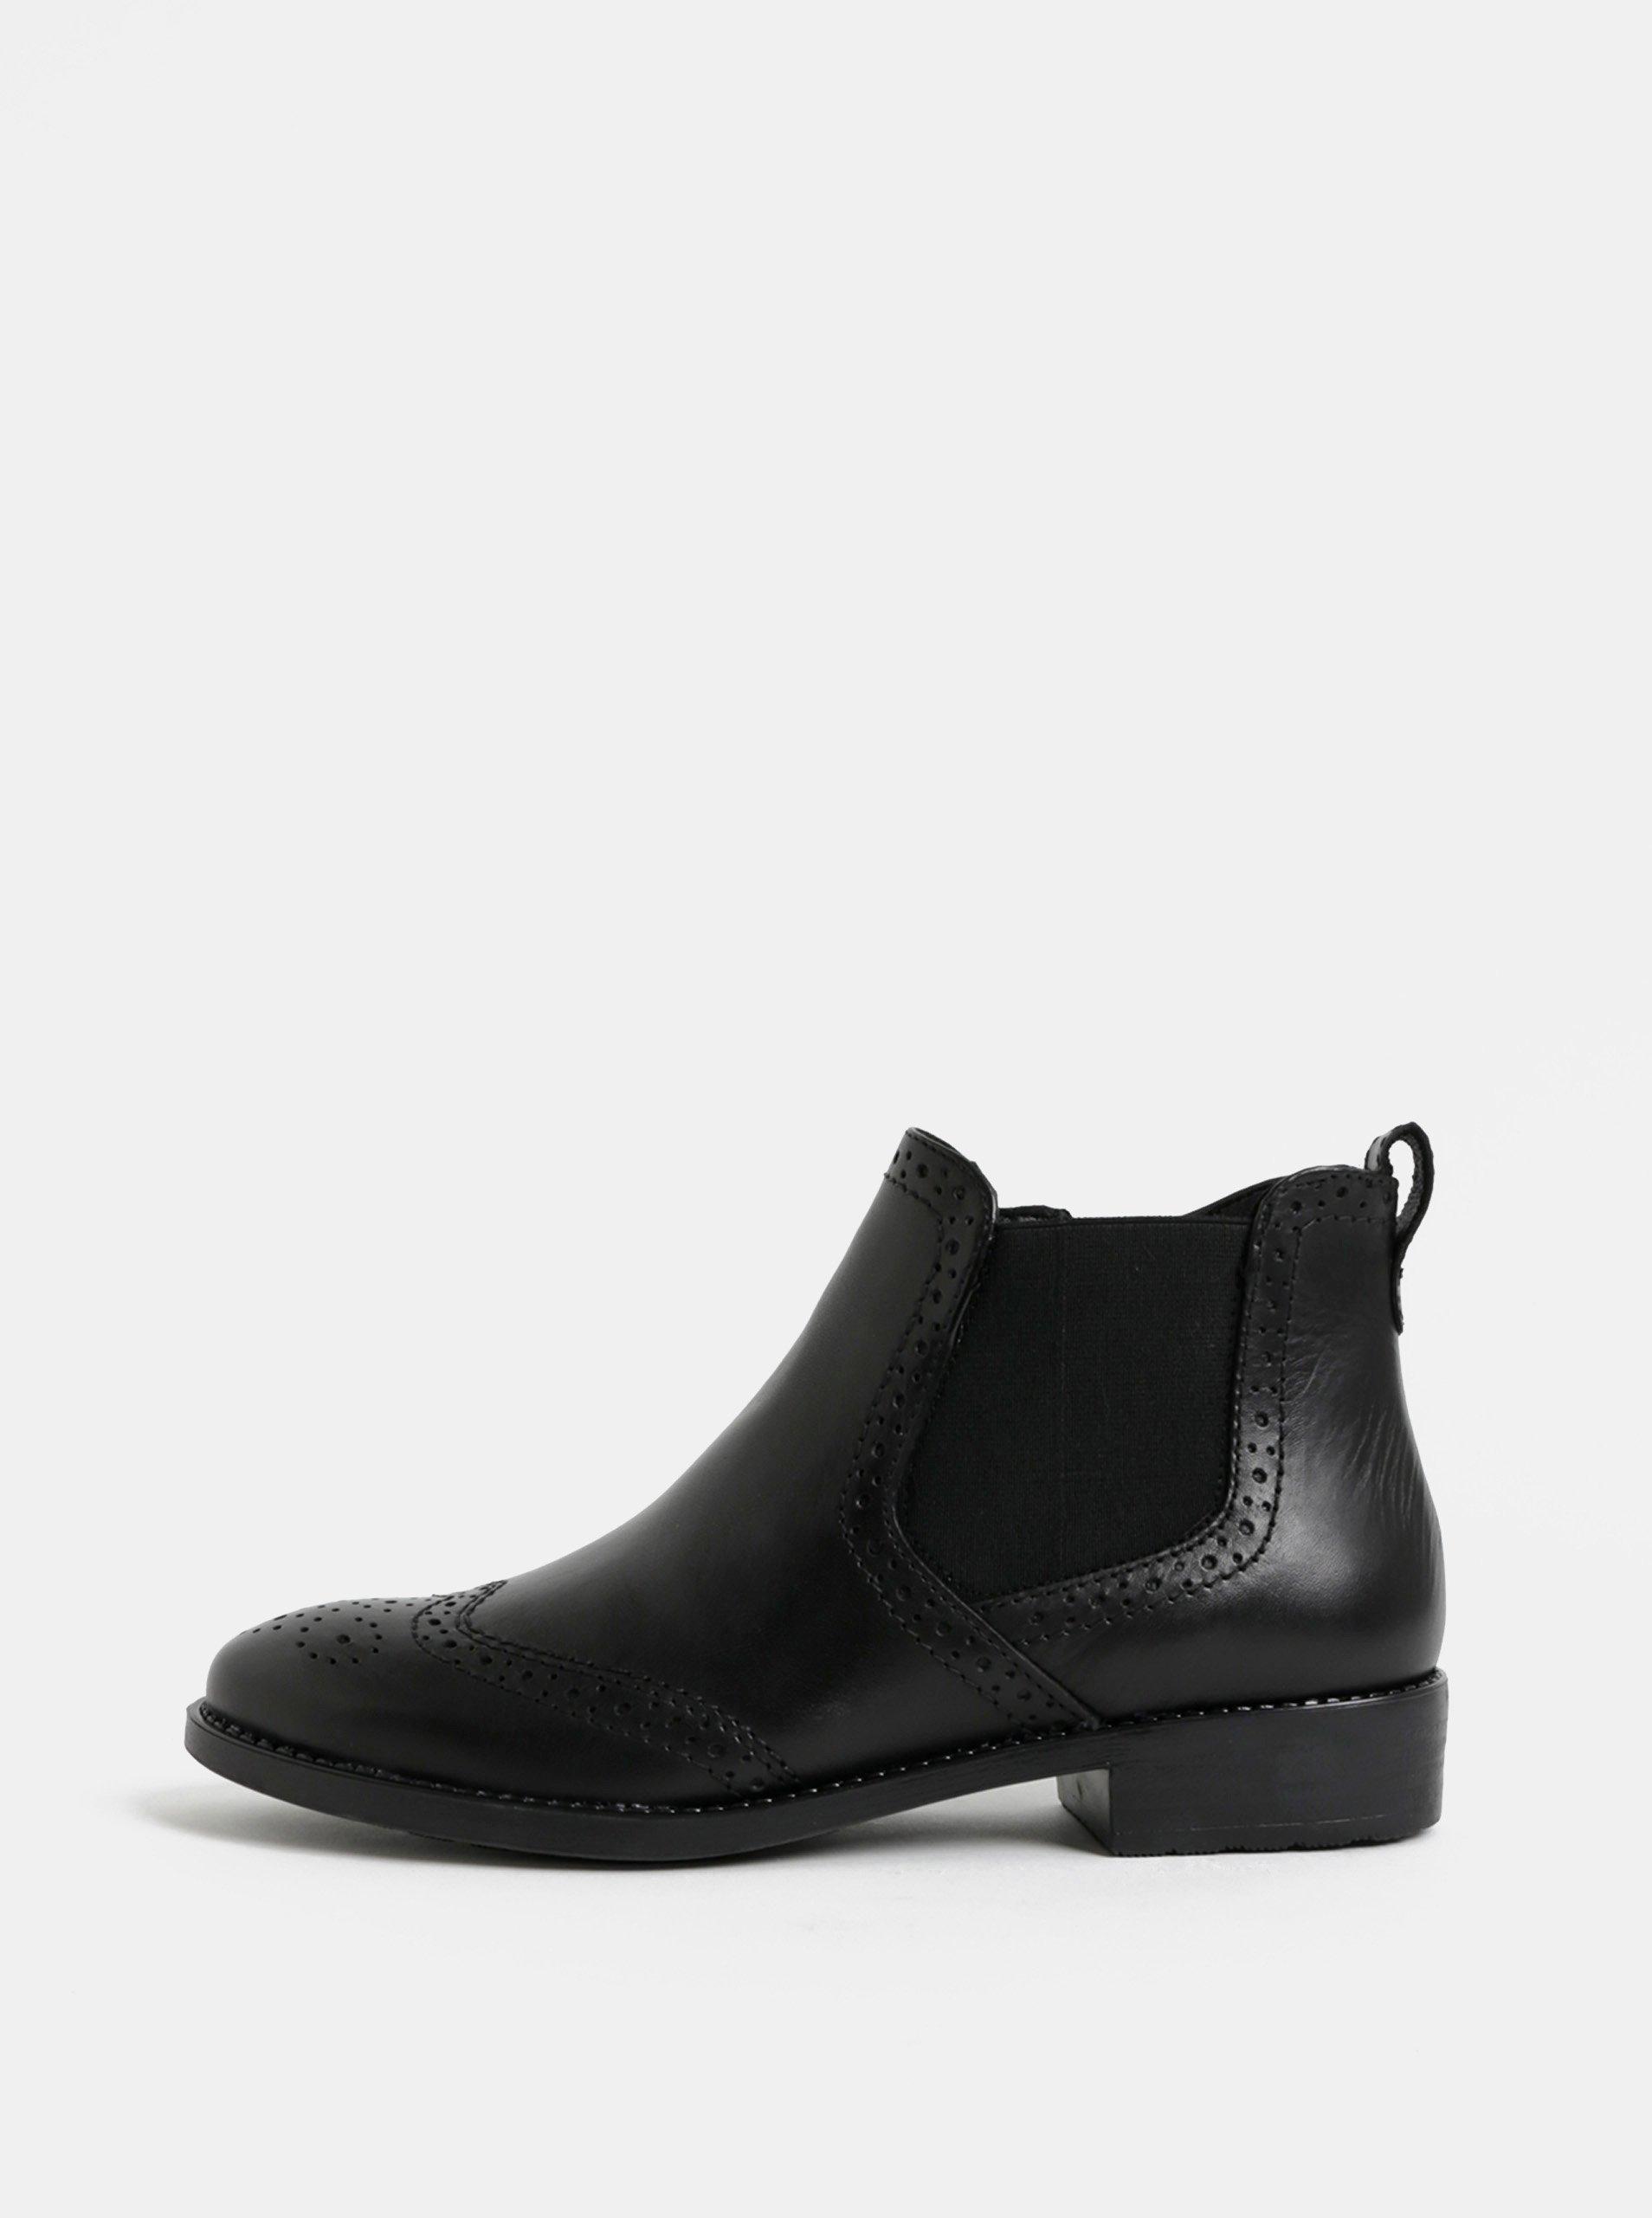 Černé kožené brogue chelsea boty Tamaris